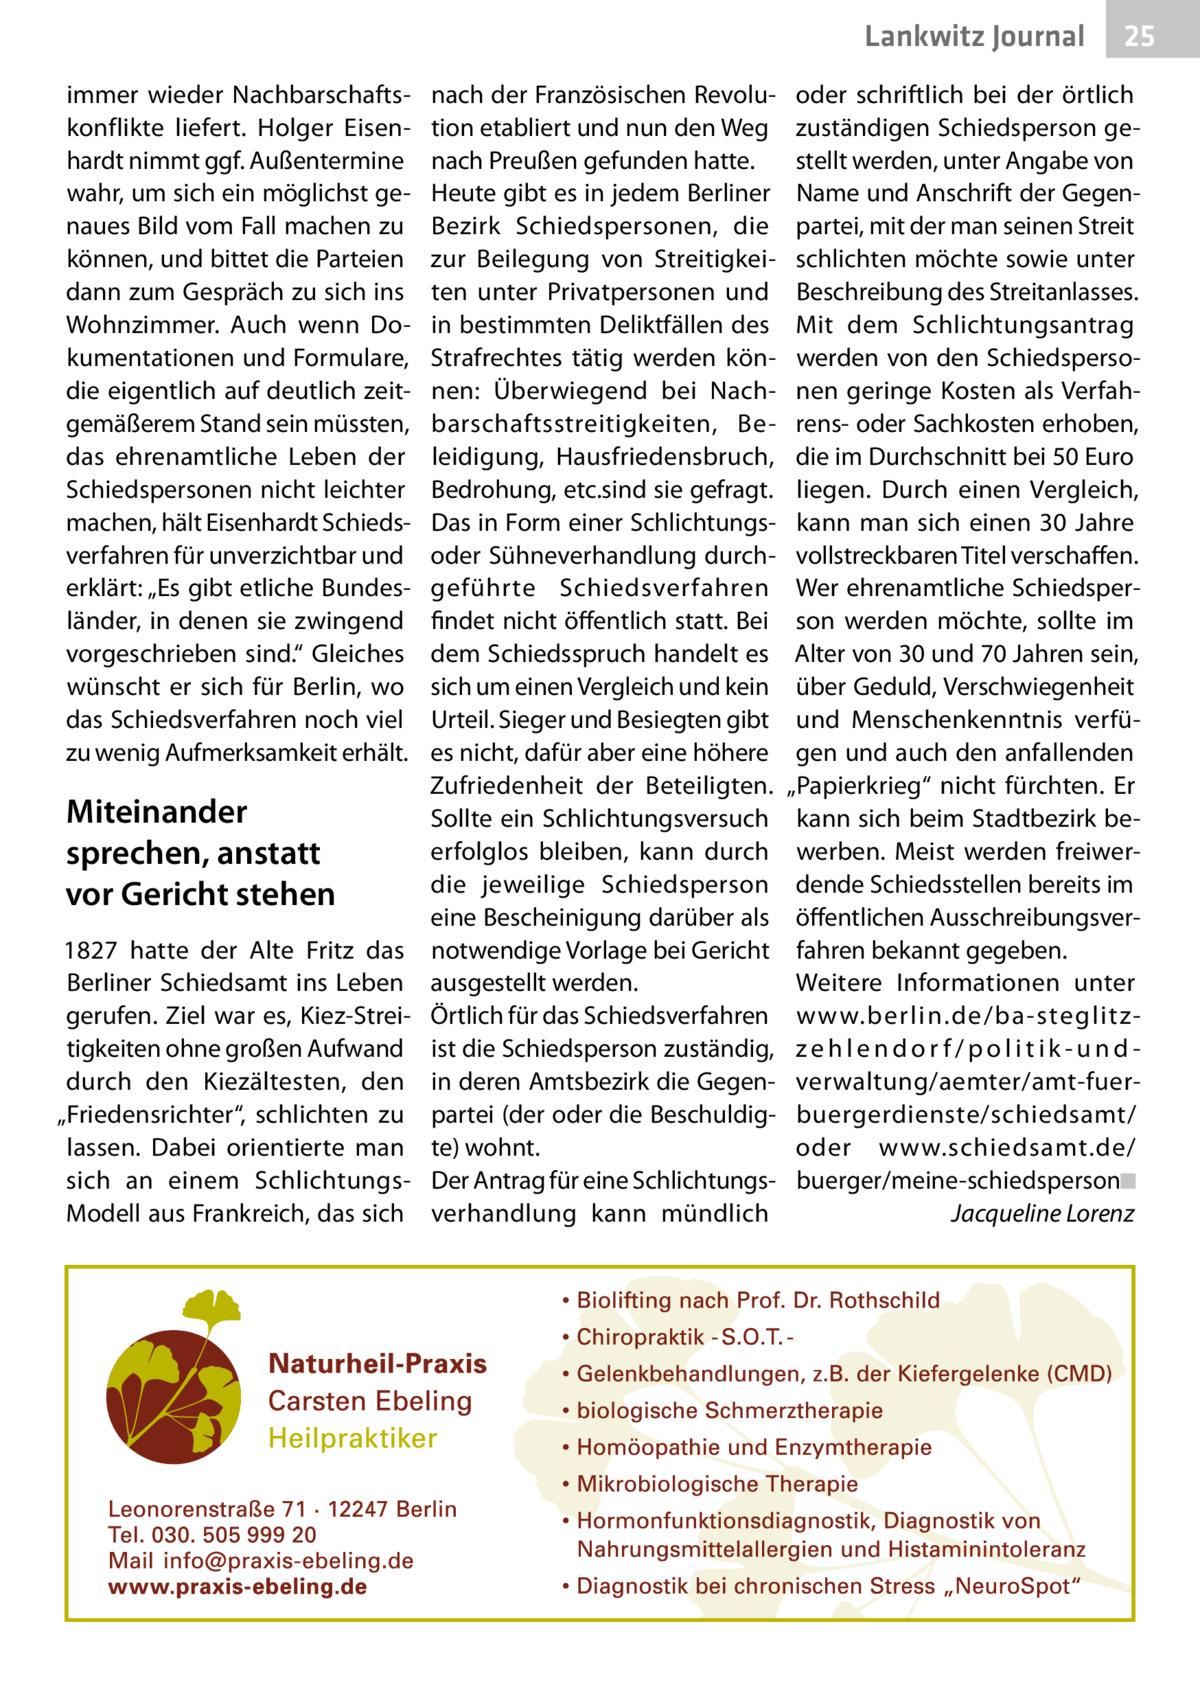 """Lankwitz Journal immer wieder Nachbarschaftskonflikte liefert. Holger Eisenhardt nimmt ggf. Außentermine wahr, um sich ein möglichst genaues Bild vom Fall machen zu können, und bittet die Parteien dann zum Gespräch zu sich ins Wohnzimmer. Auch wenn Dokumentationen und Formulare, die eigentlich auf deutlich zeitgemäßerem Stand sein müssten, das ehrenamtliche Leben der Schiedspersonen nicht leichter machen, hält Eisenhardt Schiedsverfahren für unverzichtbar und erklärt: """"Es gibt etliche Bundesländer, in denen sie zwingend vorgeschrieben sind."""" Gleiches wünscht er sich für Berlin, wo das Schiedsverfahren noch viel zu wenig Aufmerksamkeit erhält.  Miteinander sprechen, anstatt vor Gericht stehen 1827 hatte der Alte Fritz das Berliner Schiedsamt ins Leben gerufen. Ziel war es, Kiez-Streitigkeiten ohne großen Aufwand durch den Kiezältesten, den """"Friedensrichter"""", schlichten zu lassen. Dabei orientierte man sich an einem SchlichtungsModell aus Frankreich, das sich  nach der Französischen Revolution etabliert und nun den Weg nach Preußen gefunden hatte. Heute gibt es in jedem Berliner Bezirk Schiedspersonen, die zur Beilegung von Streitigkeiten unter Privatpersonen und in bestimmten Deliktfällen des Strafrechtes tätig werden können: Überwiegend bei Nachbarschaftsstreitigkeiten, Beleidigung, Hausfriedensbruch, Bedrohung, etc.sind sie gefragt. Das in Form einer Schlichtungsoder Sühneverhandlung durchgeführte Schiedsverfahren findet nicht öffentlich statt. Bei dem Schiedsspruch handelt es sich um einen Vergleich und kein Urteil. Sieger und Besiegten gibt es nicht, dafür aber eine höhere Zufriedenheit der Beteiligten. Sollte ein Schlichtungsversuch erfolglos bleiben, kann durch die jeweilige Schiedsperson eine Bescheinigung darüber als notwendige Vorlage bei Gericht ausgestellt werden. Örtlich für das Schiedsverfahren ist die Schiedsperson zuständig, in deren Amtsbezirk die Gegenpartei (der oder die Beschuldigte) wohnt. Der Antrag für eine Schlichtungsverhandlung kann mündlich """